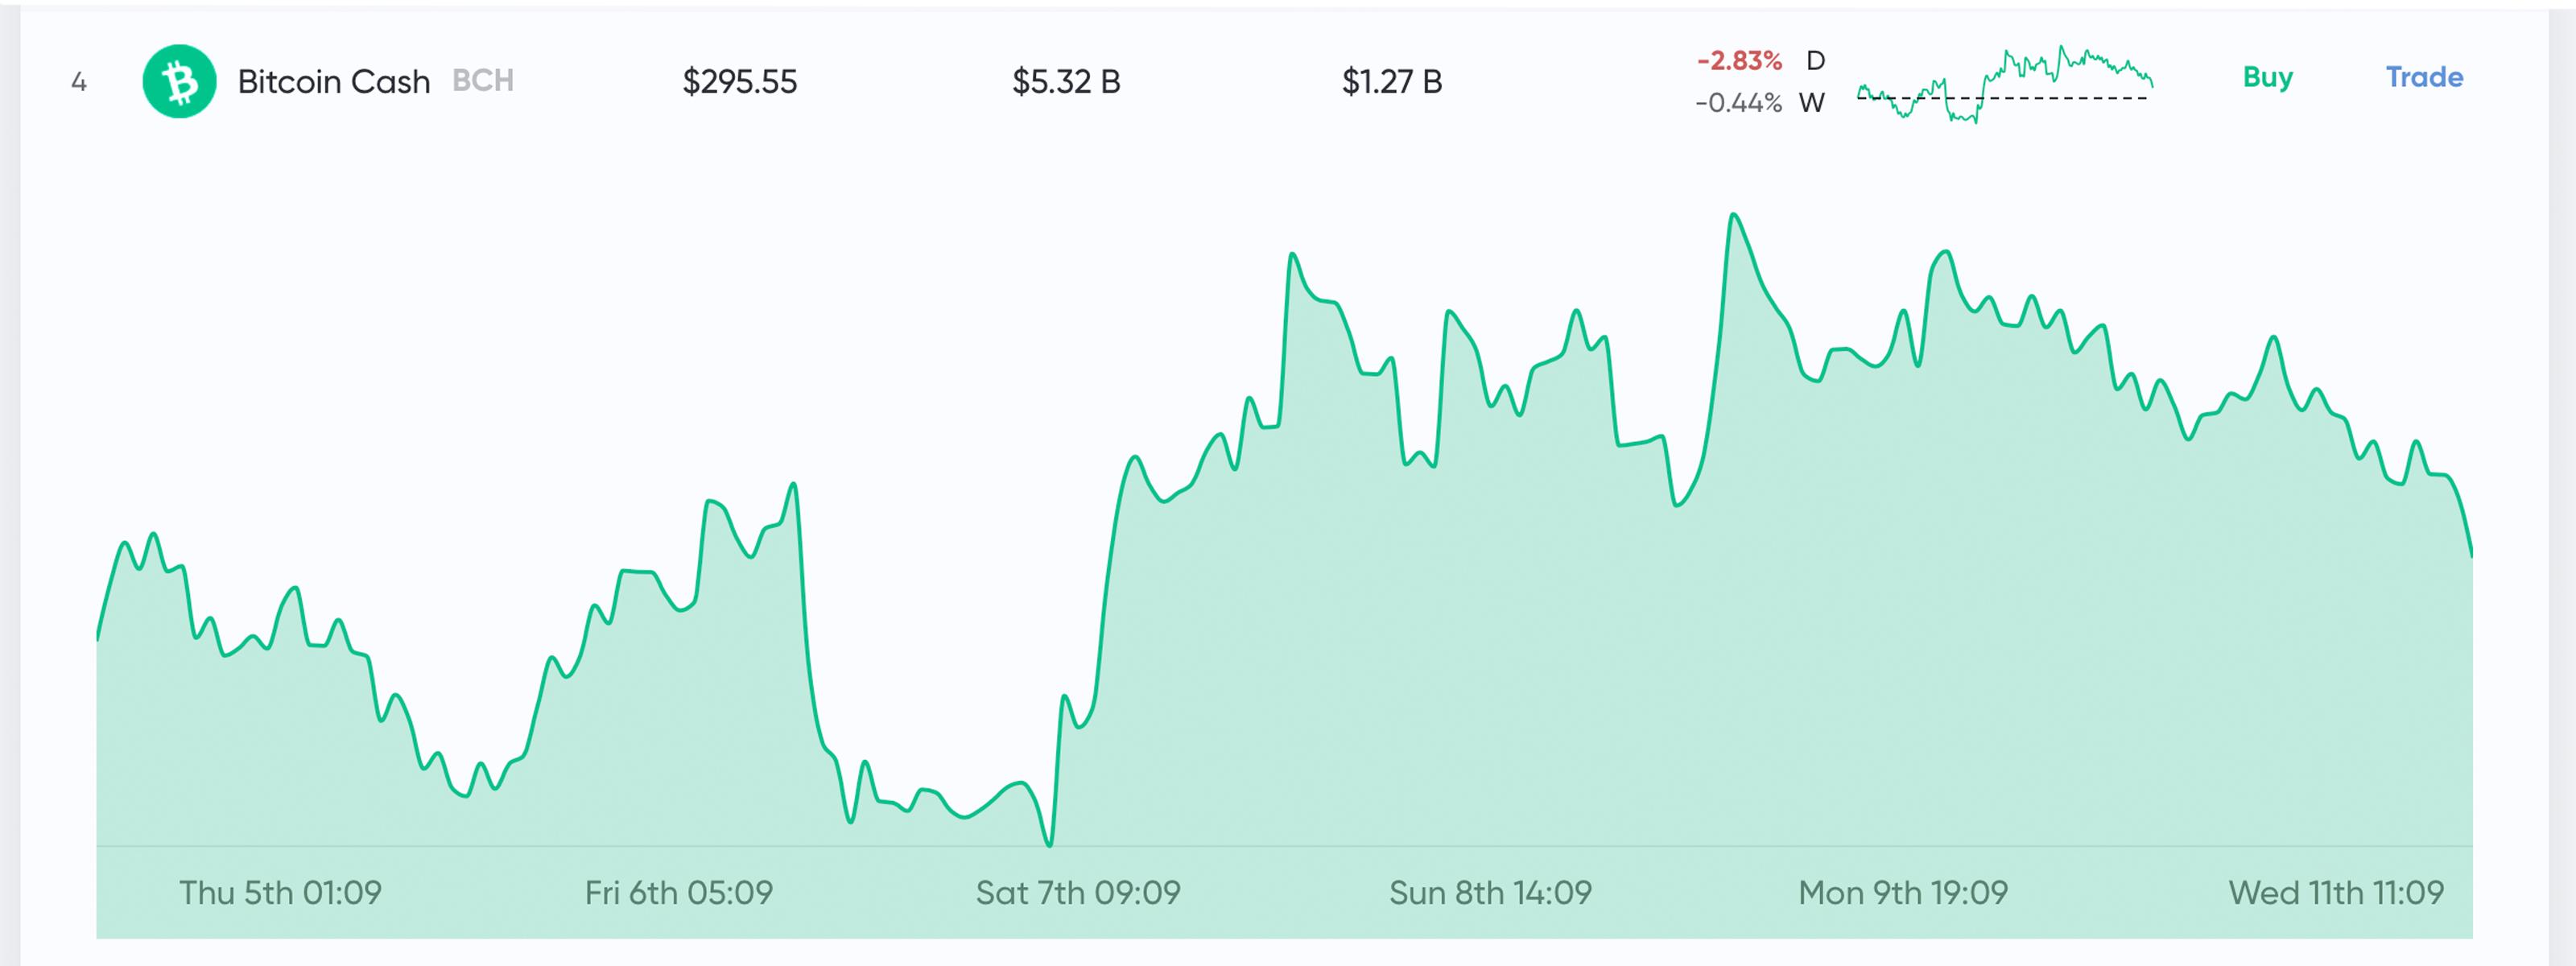 prospettive di mercato lincertezza si costruisce con i volumi del thin trade e il lancio di futures su bitcoin bitcoin news 2 - Il lancio di futures su Bitcoin potrà risollevare il tragico mercato delle Cryptovalute?